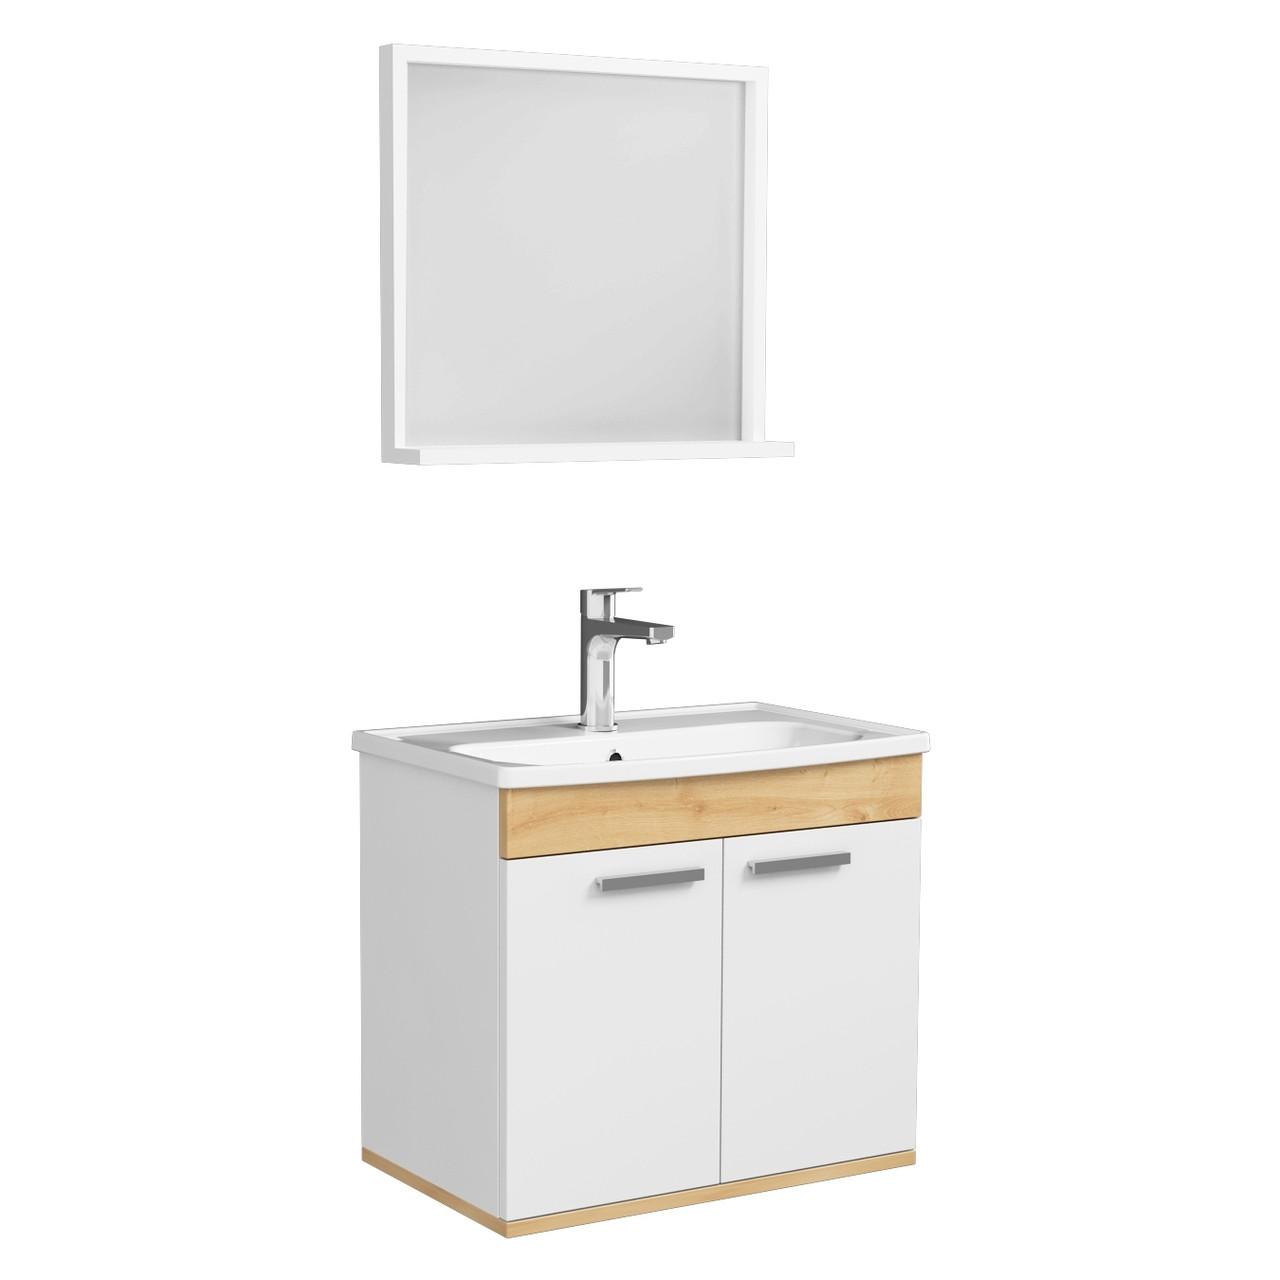 Комплект меблів RJ First 60 см RJ20600WO з тумбою та умивальником + дзеркало